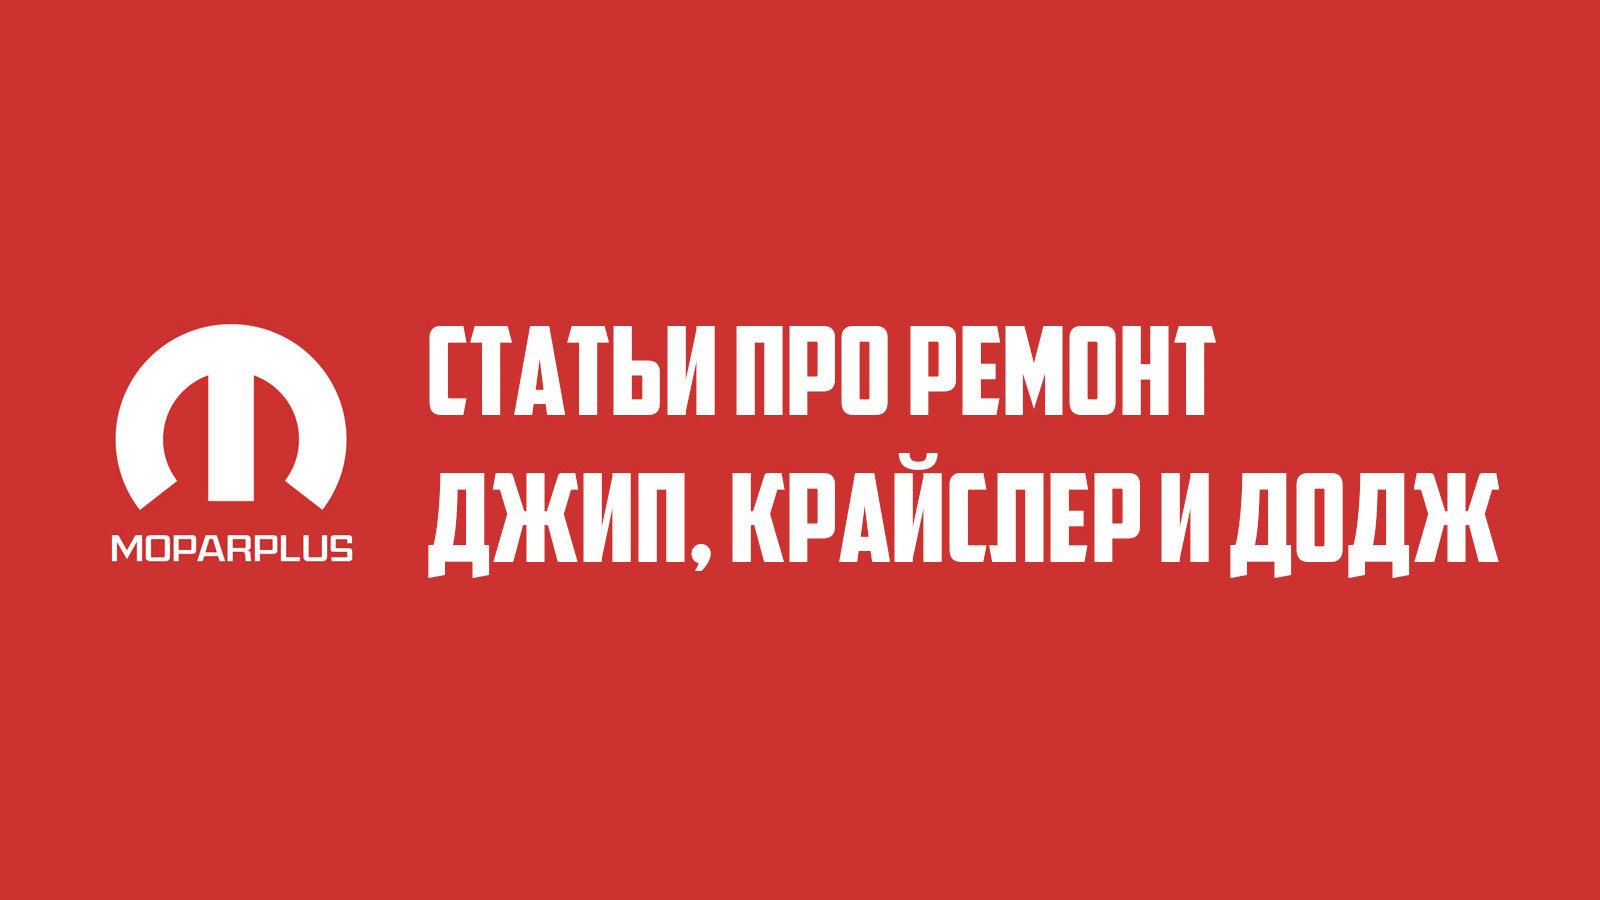 Статьи про ремонт. Выпуск №39.